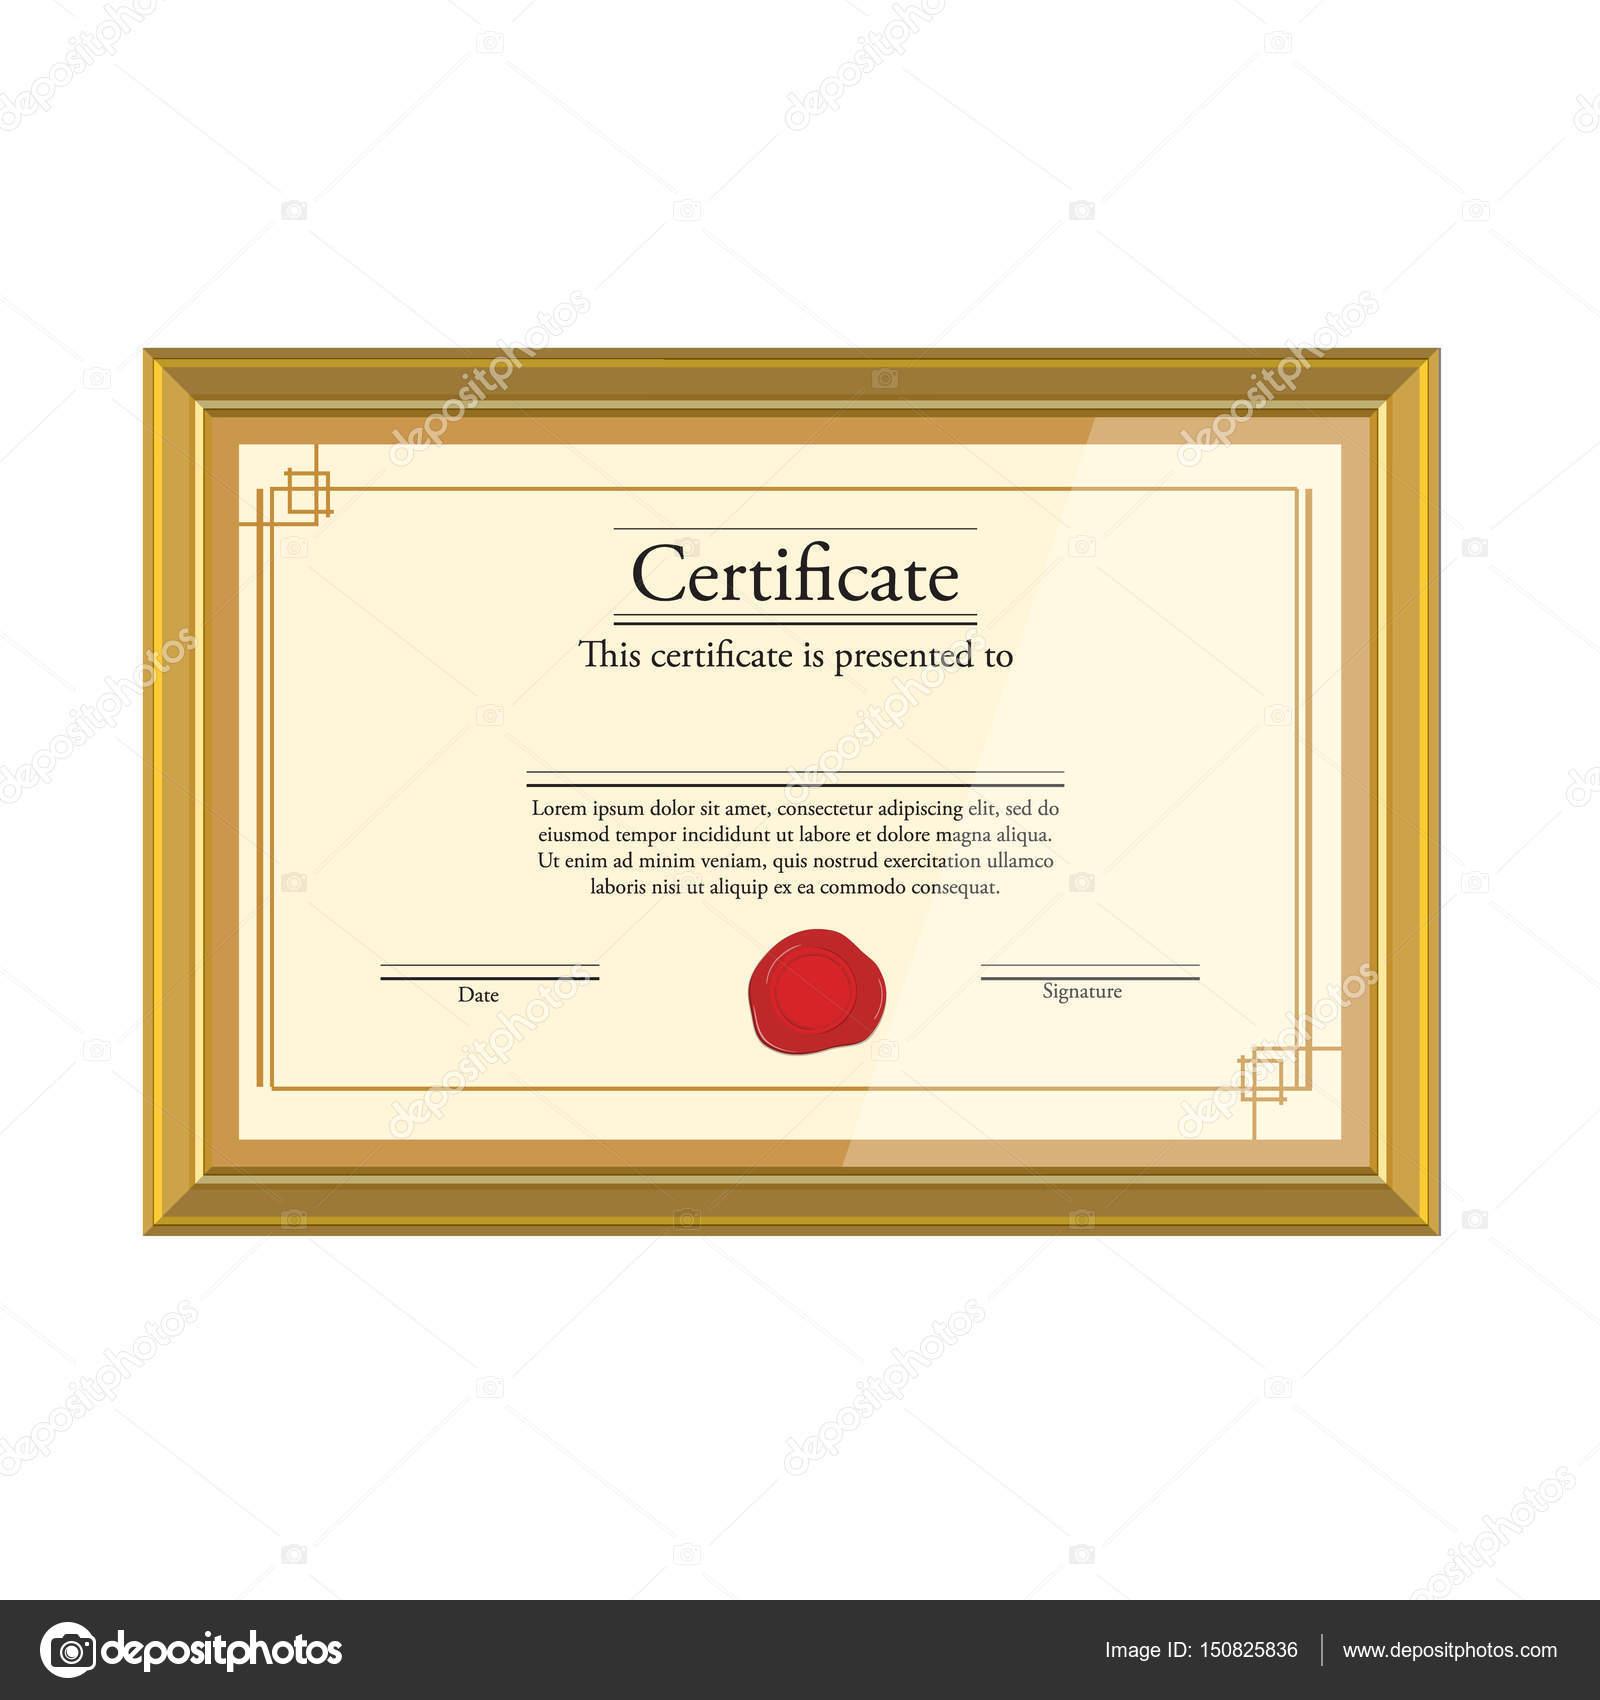 Ausbildung Zertifikat raster — Stockfoto © viktorijareut #150825836